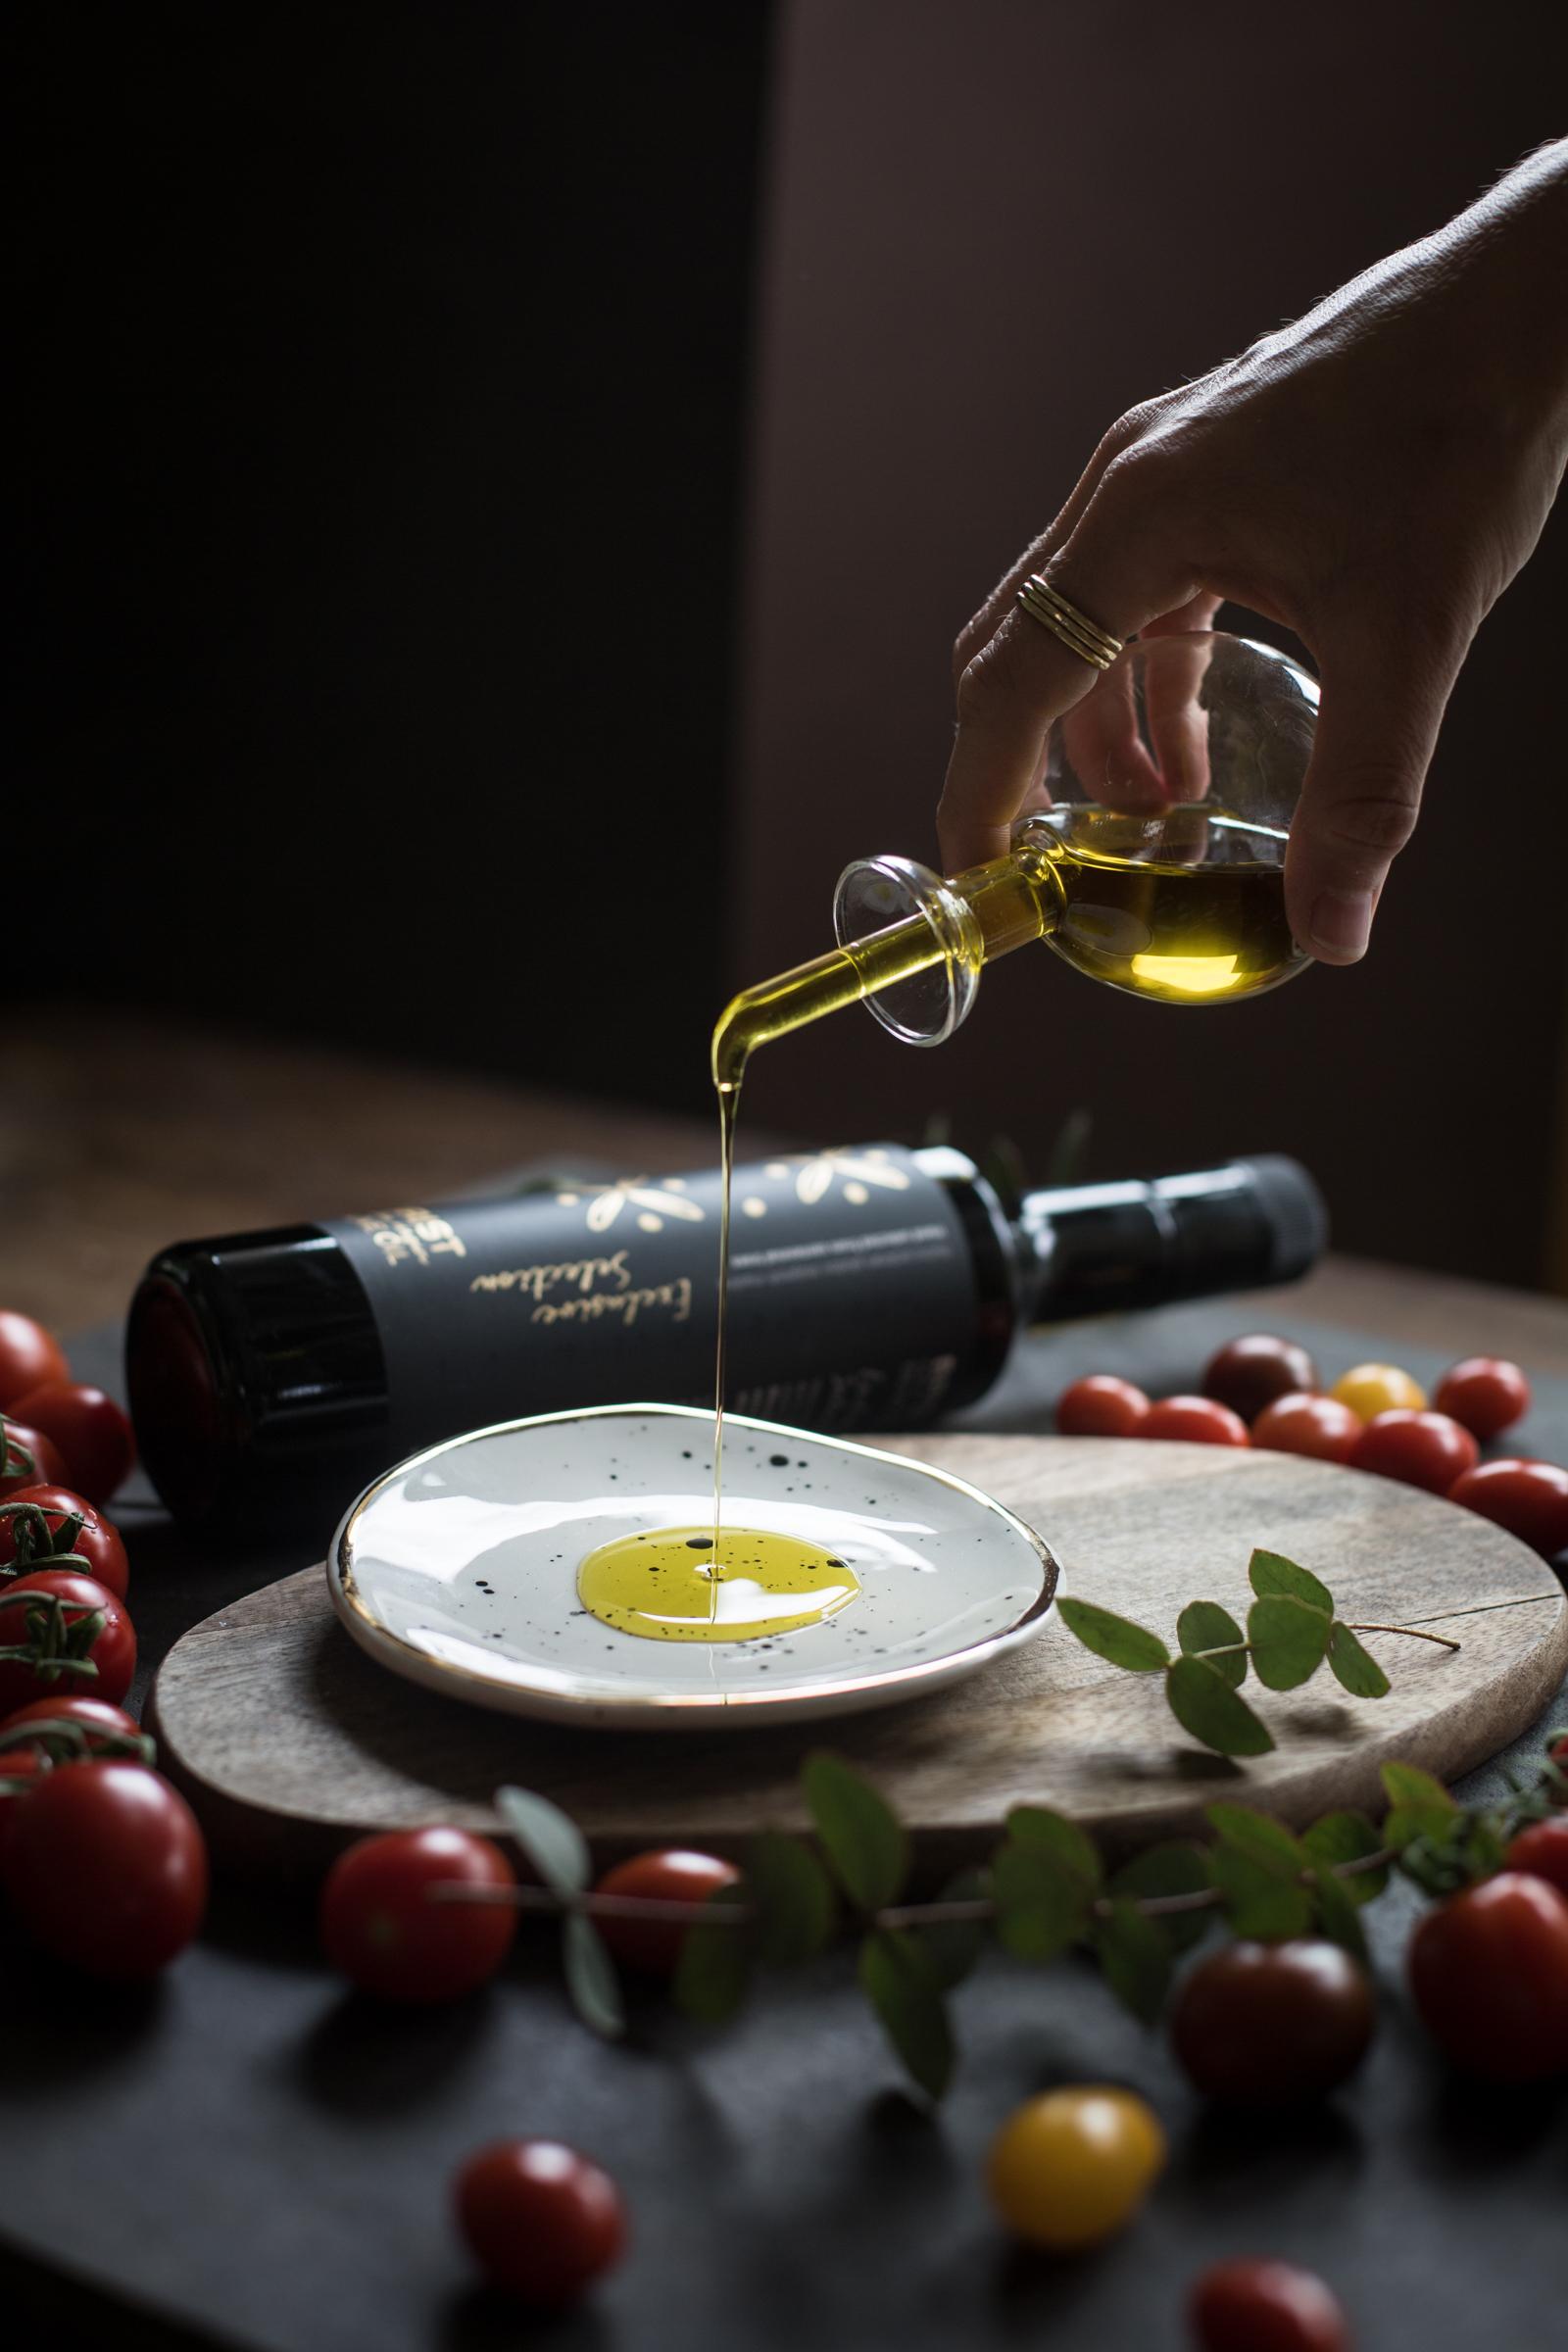 brist maslinova ulja